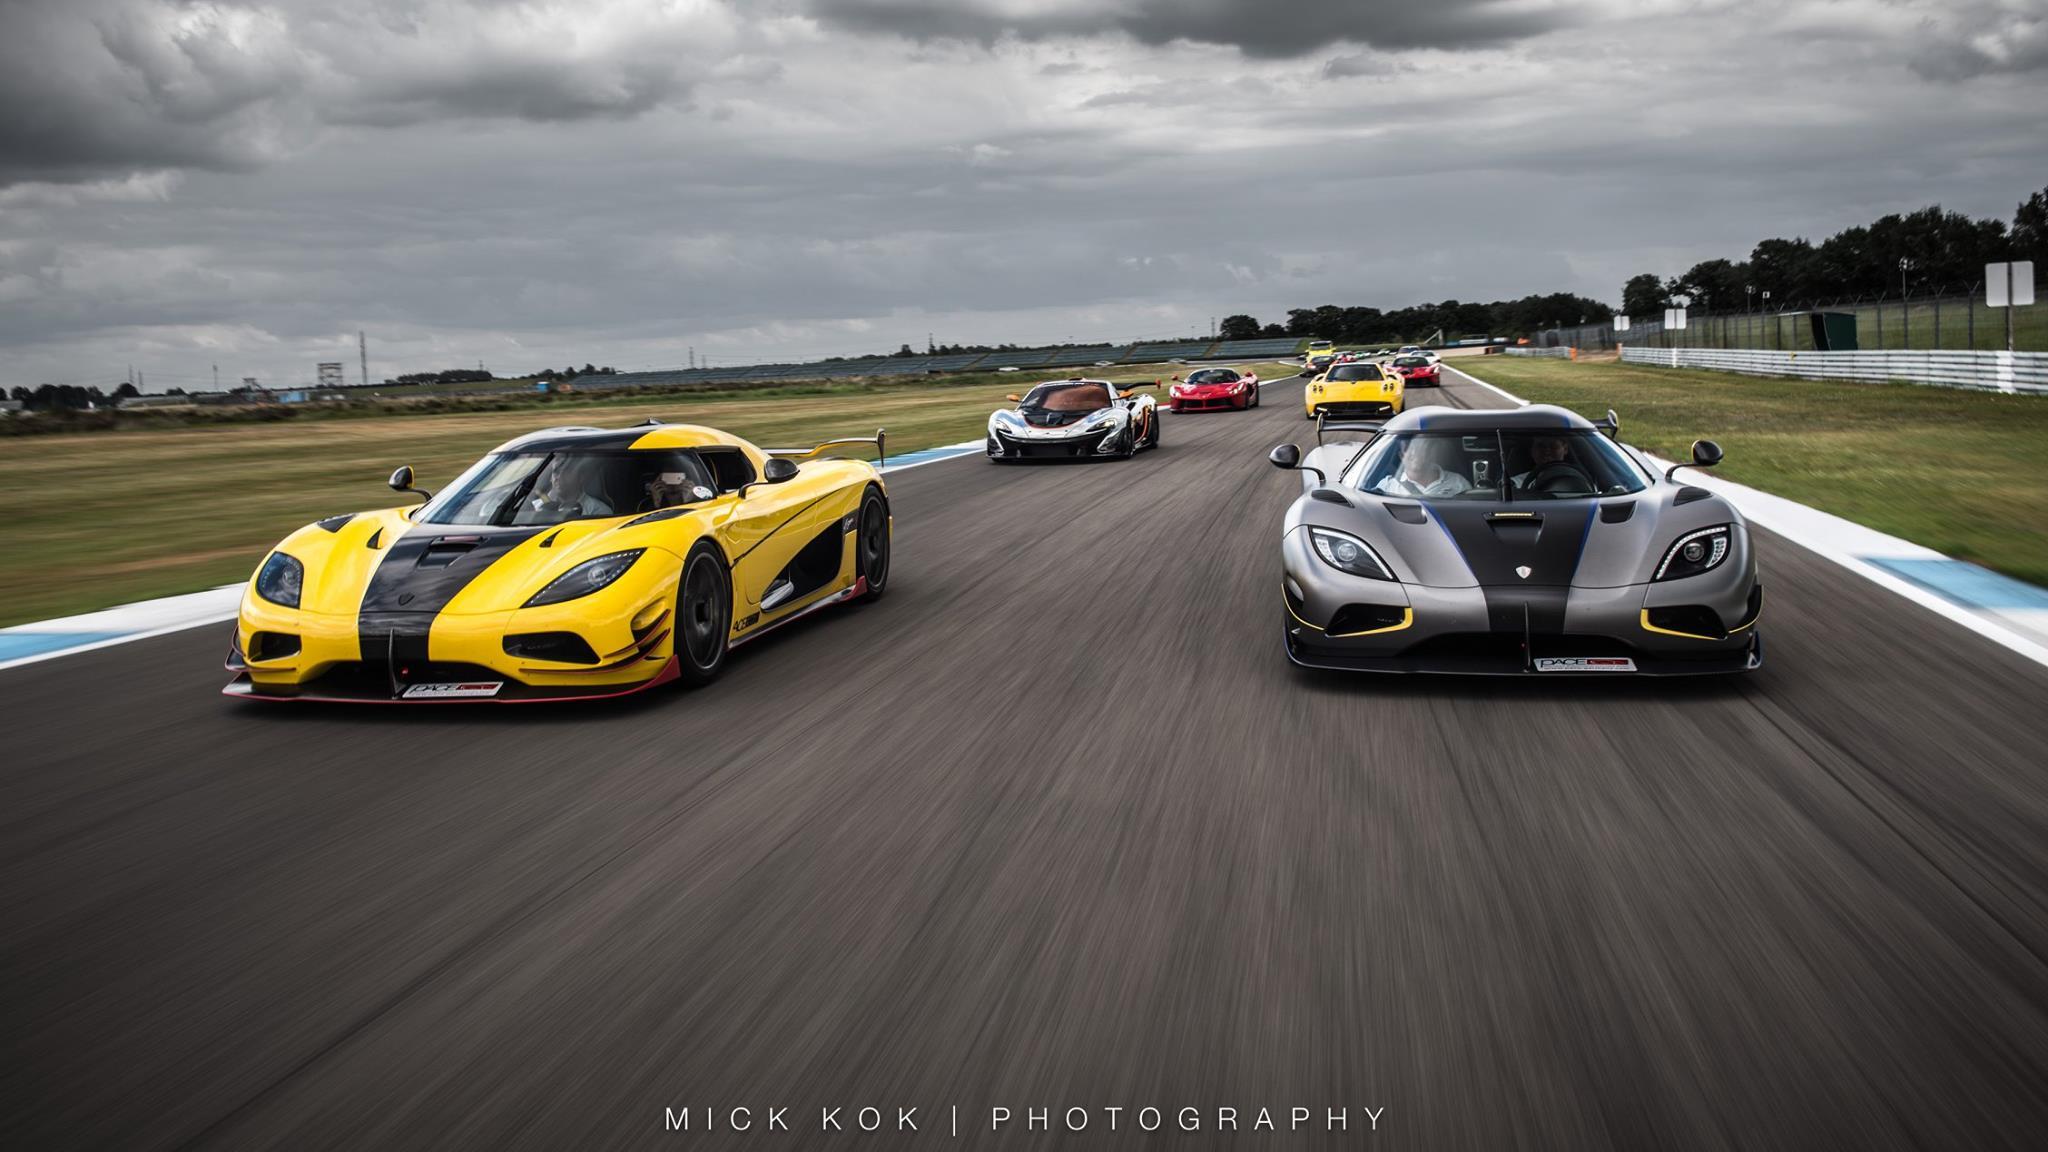 Встреча проходила на треке TT Circuit в Ассене, Нидерланды, и собрала впечатляющее количество автомобилей, чтобы порадовать множество поклонников. В отличие от обычных сборищ автолюбителей, это мероприятие проходило на правильной гоночной трассе, где